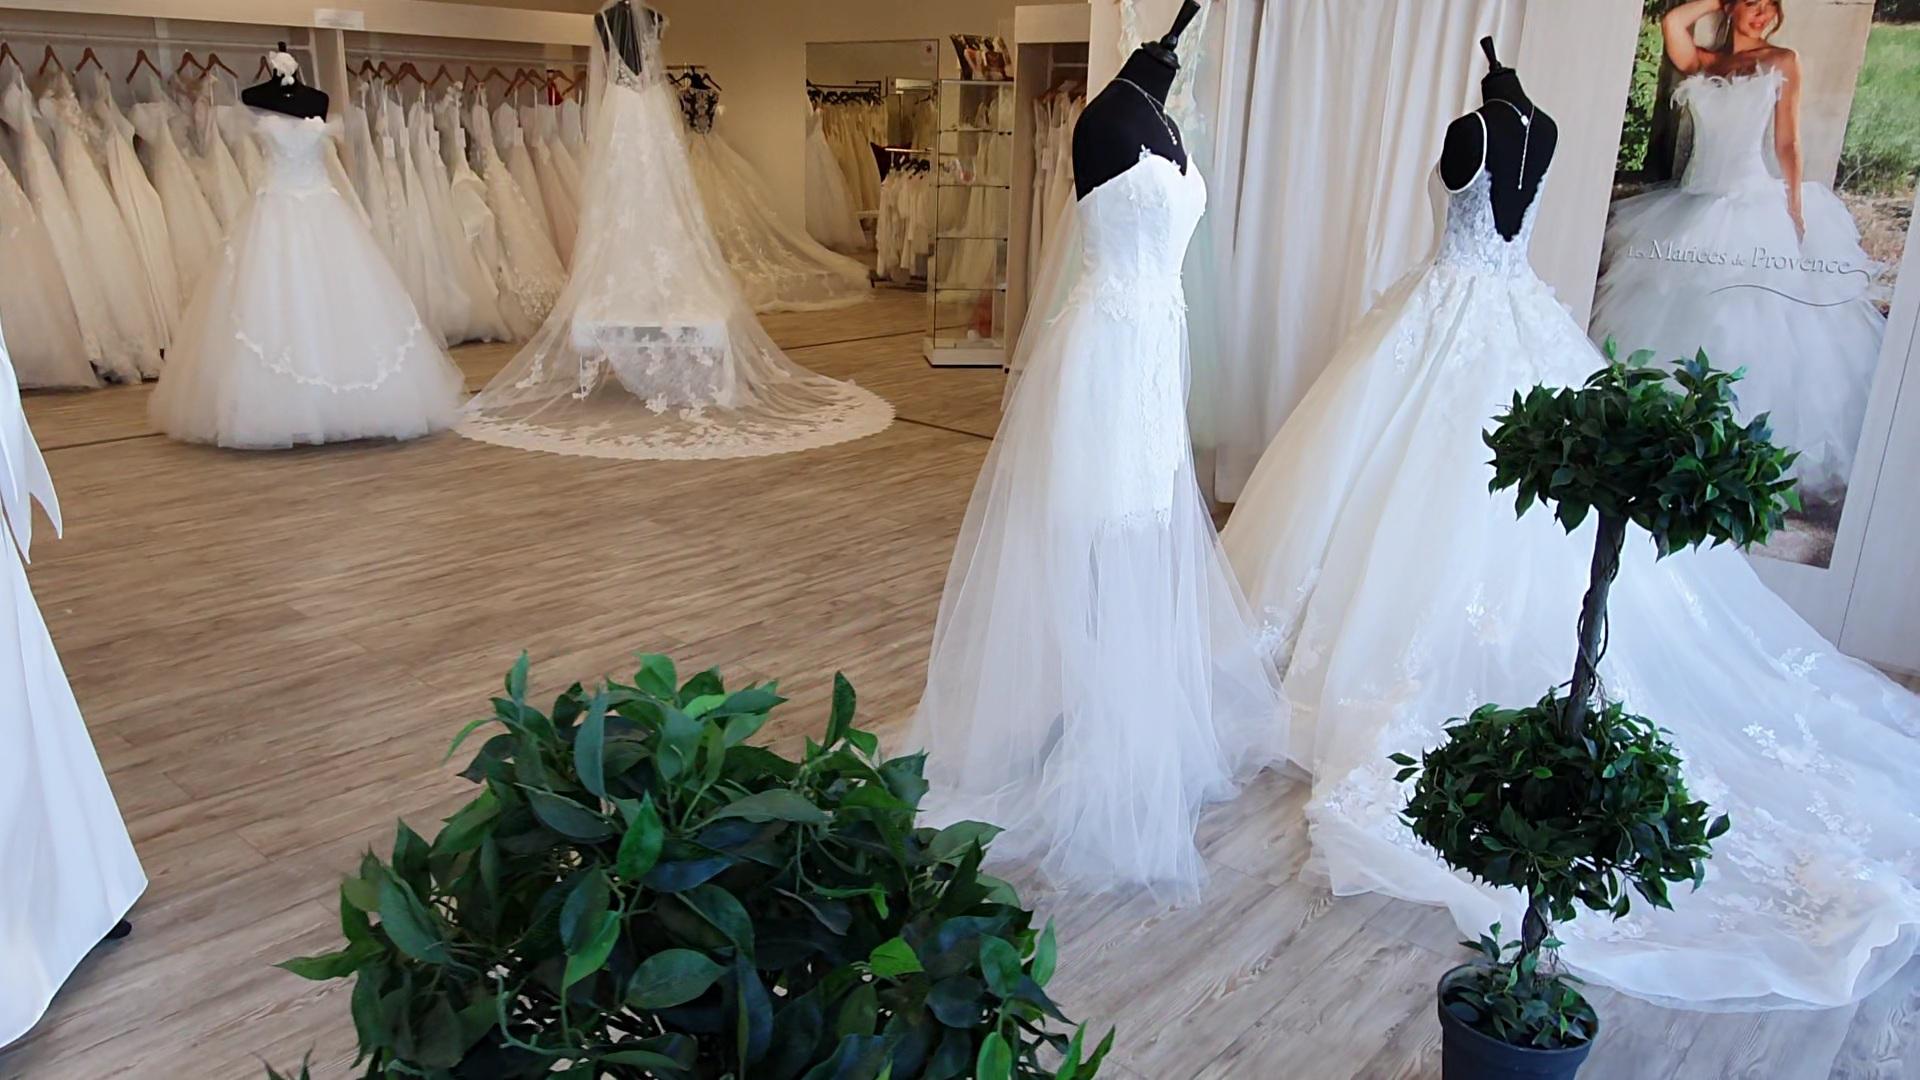 Réouverture de votre boutique Un jour, une mariée…